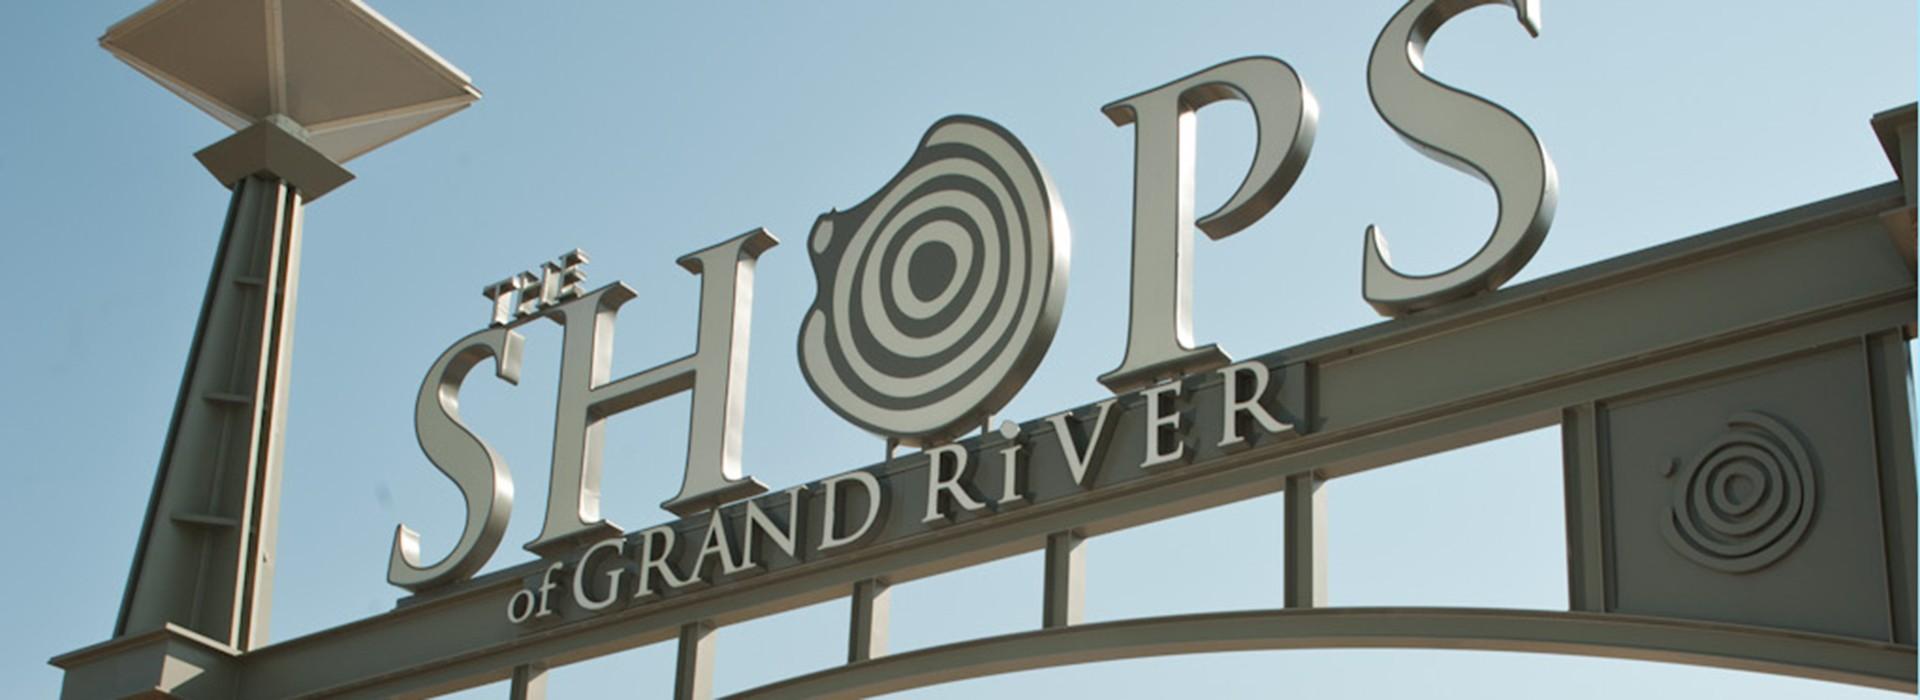 Grand River_DSC_8147_1920x700